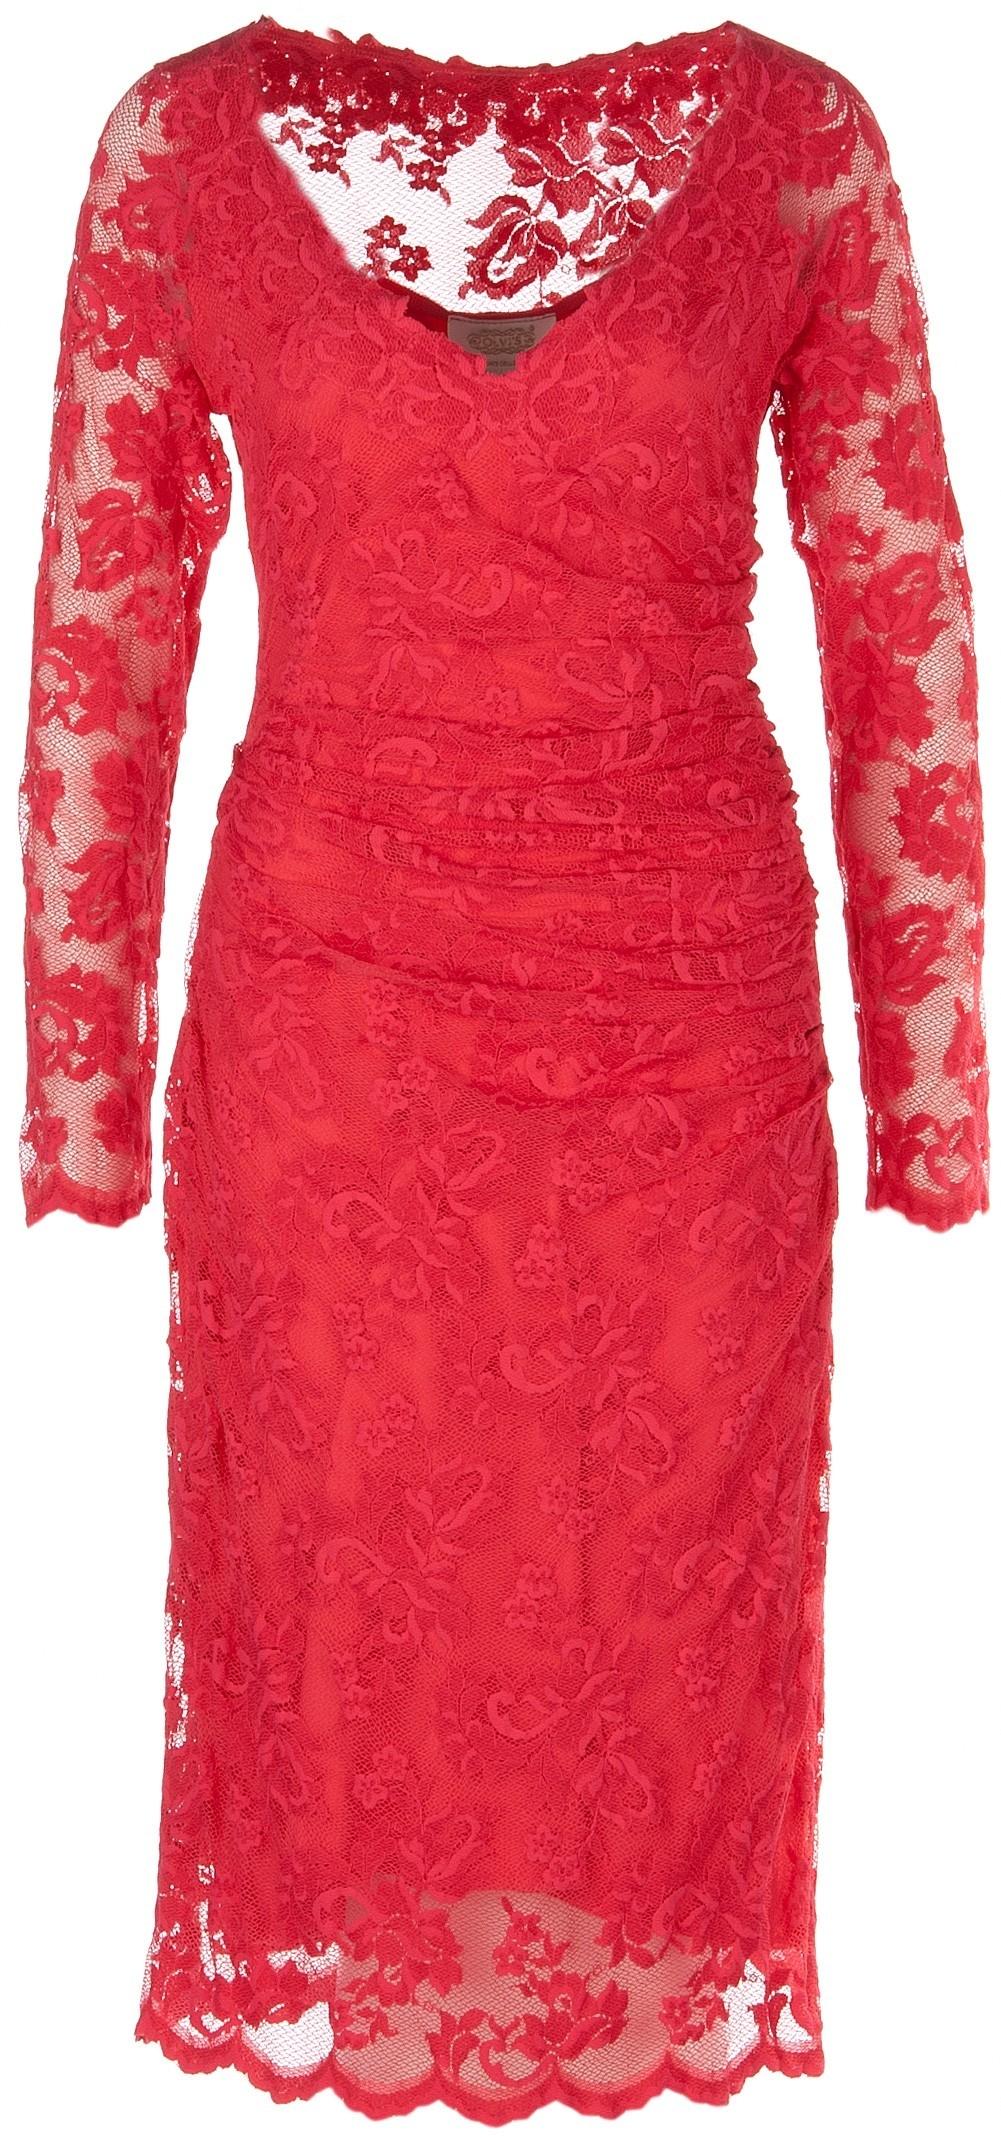 Formal Coolste Spitzenkleid Rot für 9 - Abendkleid